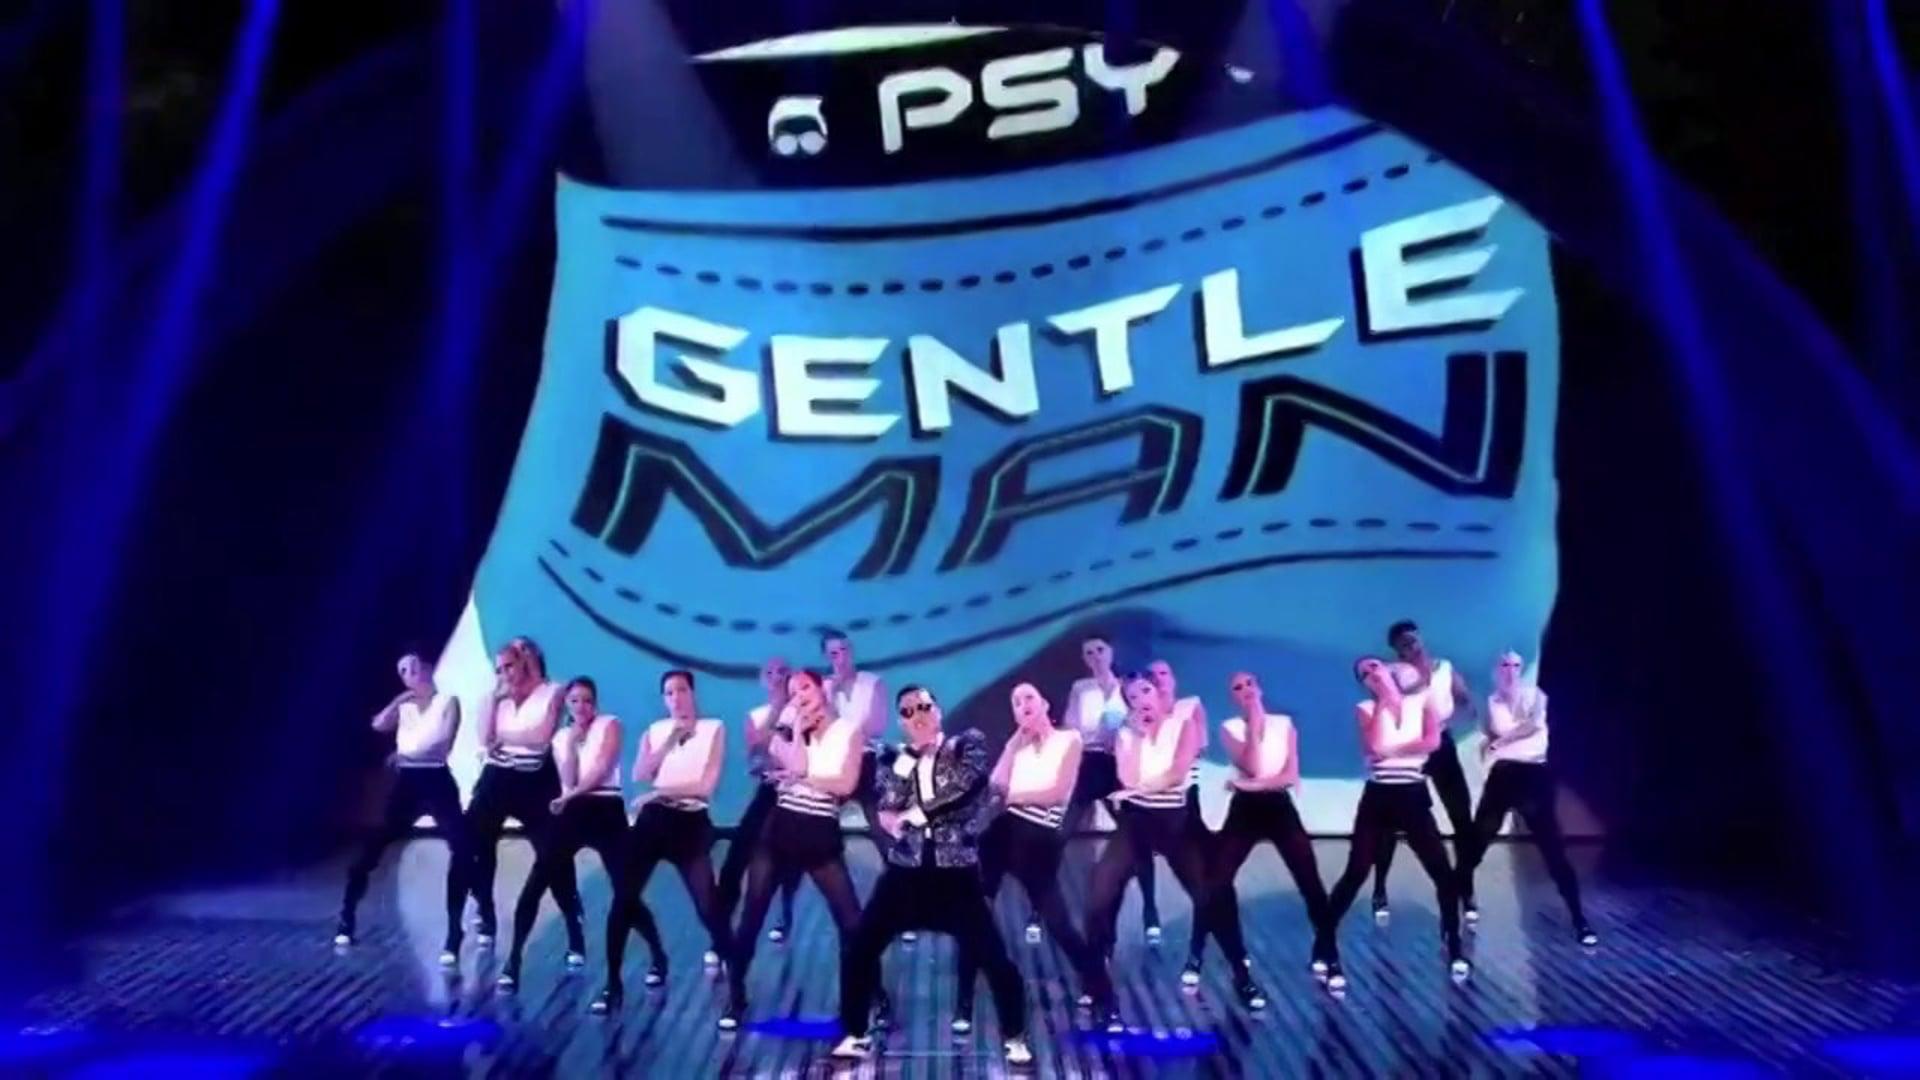 PSY Gentlemen Britains Got Talent